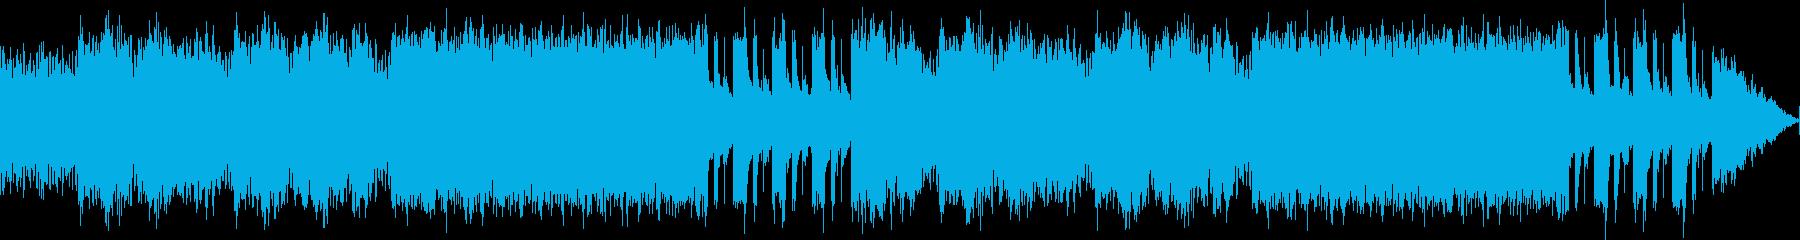 ファンタジーRPGのダンジョンをイメー…の再生済みの波形